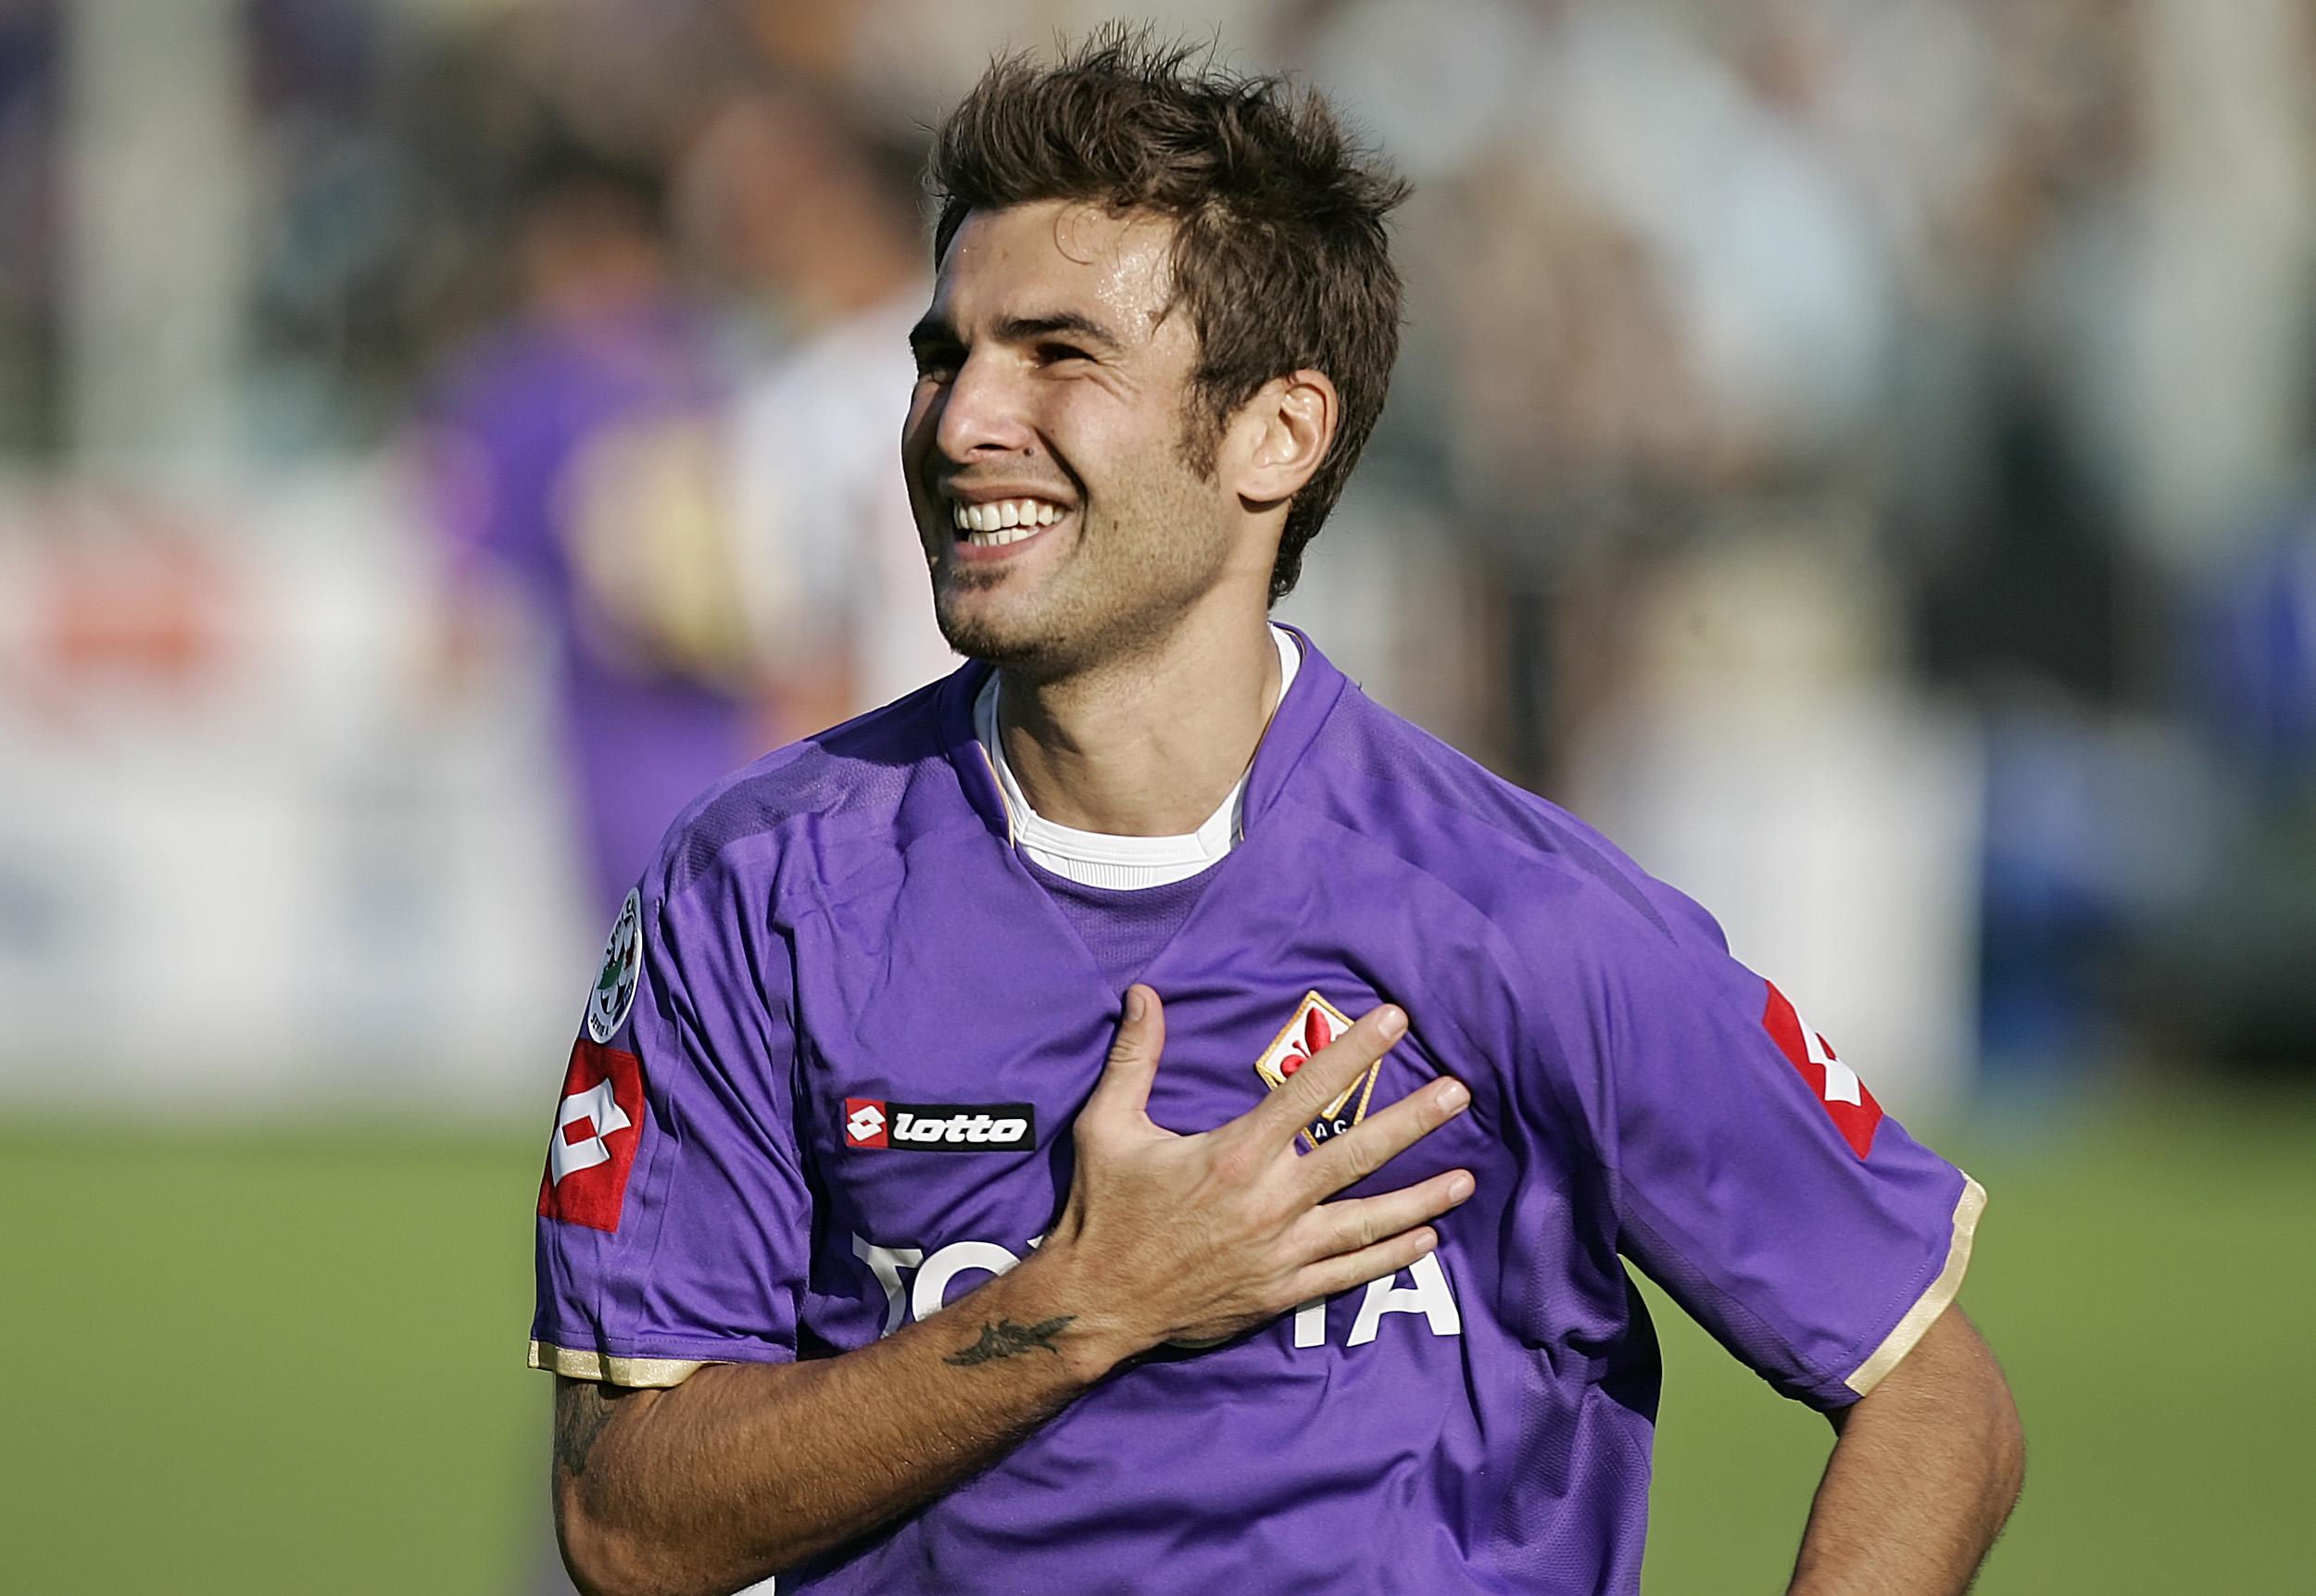 54 de goluri a inscris Adrian Mutu pentru Fiorentina in cele 112 meciuri in care a imbracat tricoul Viola